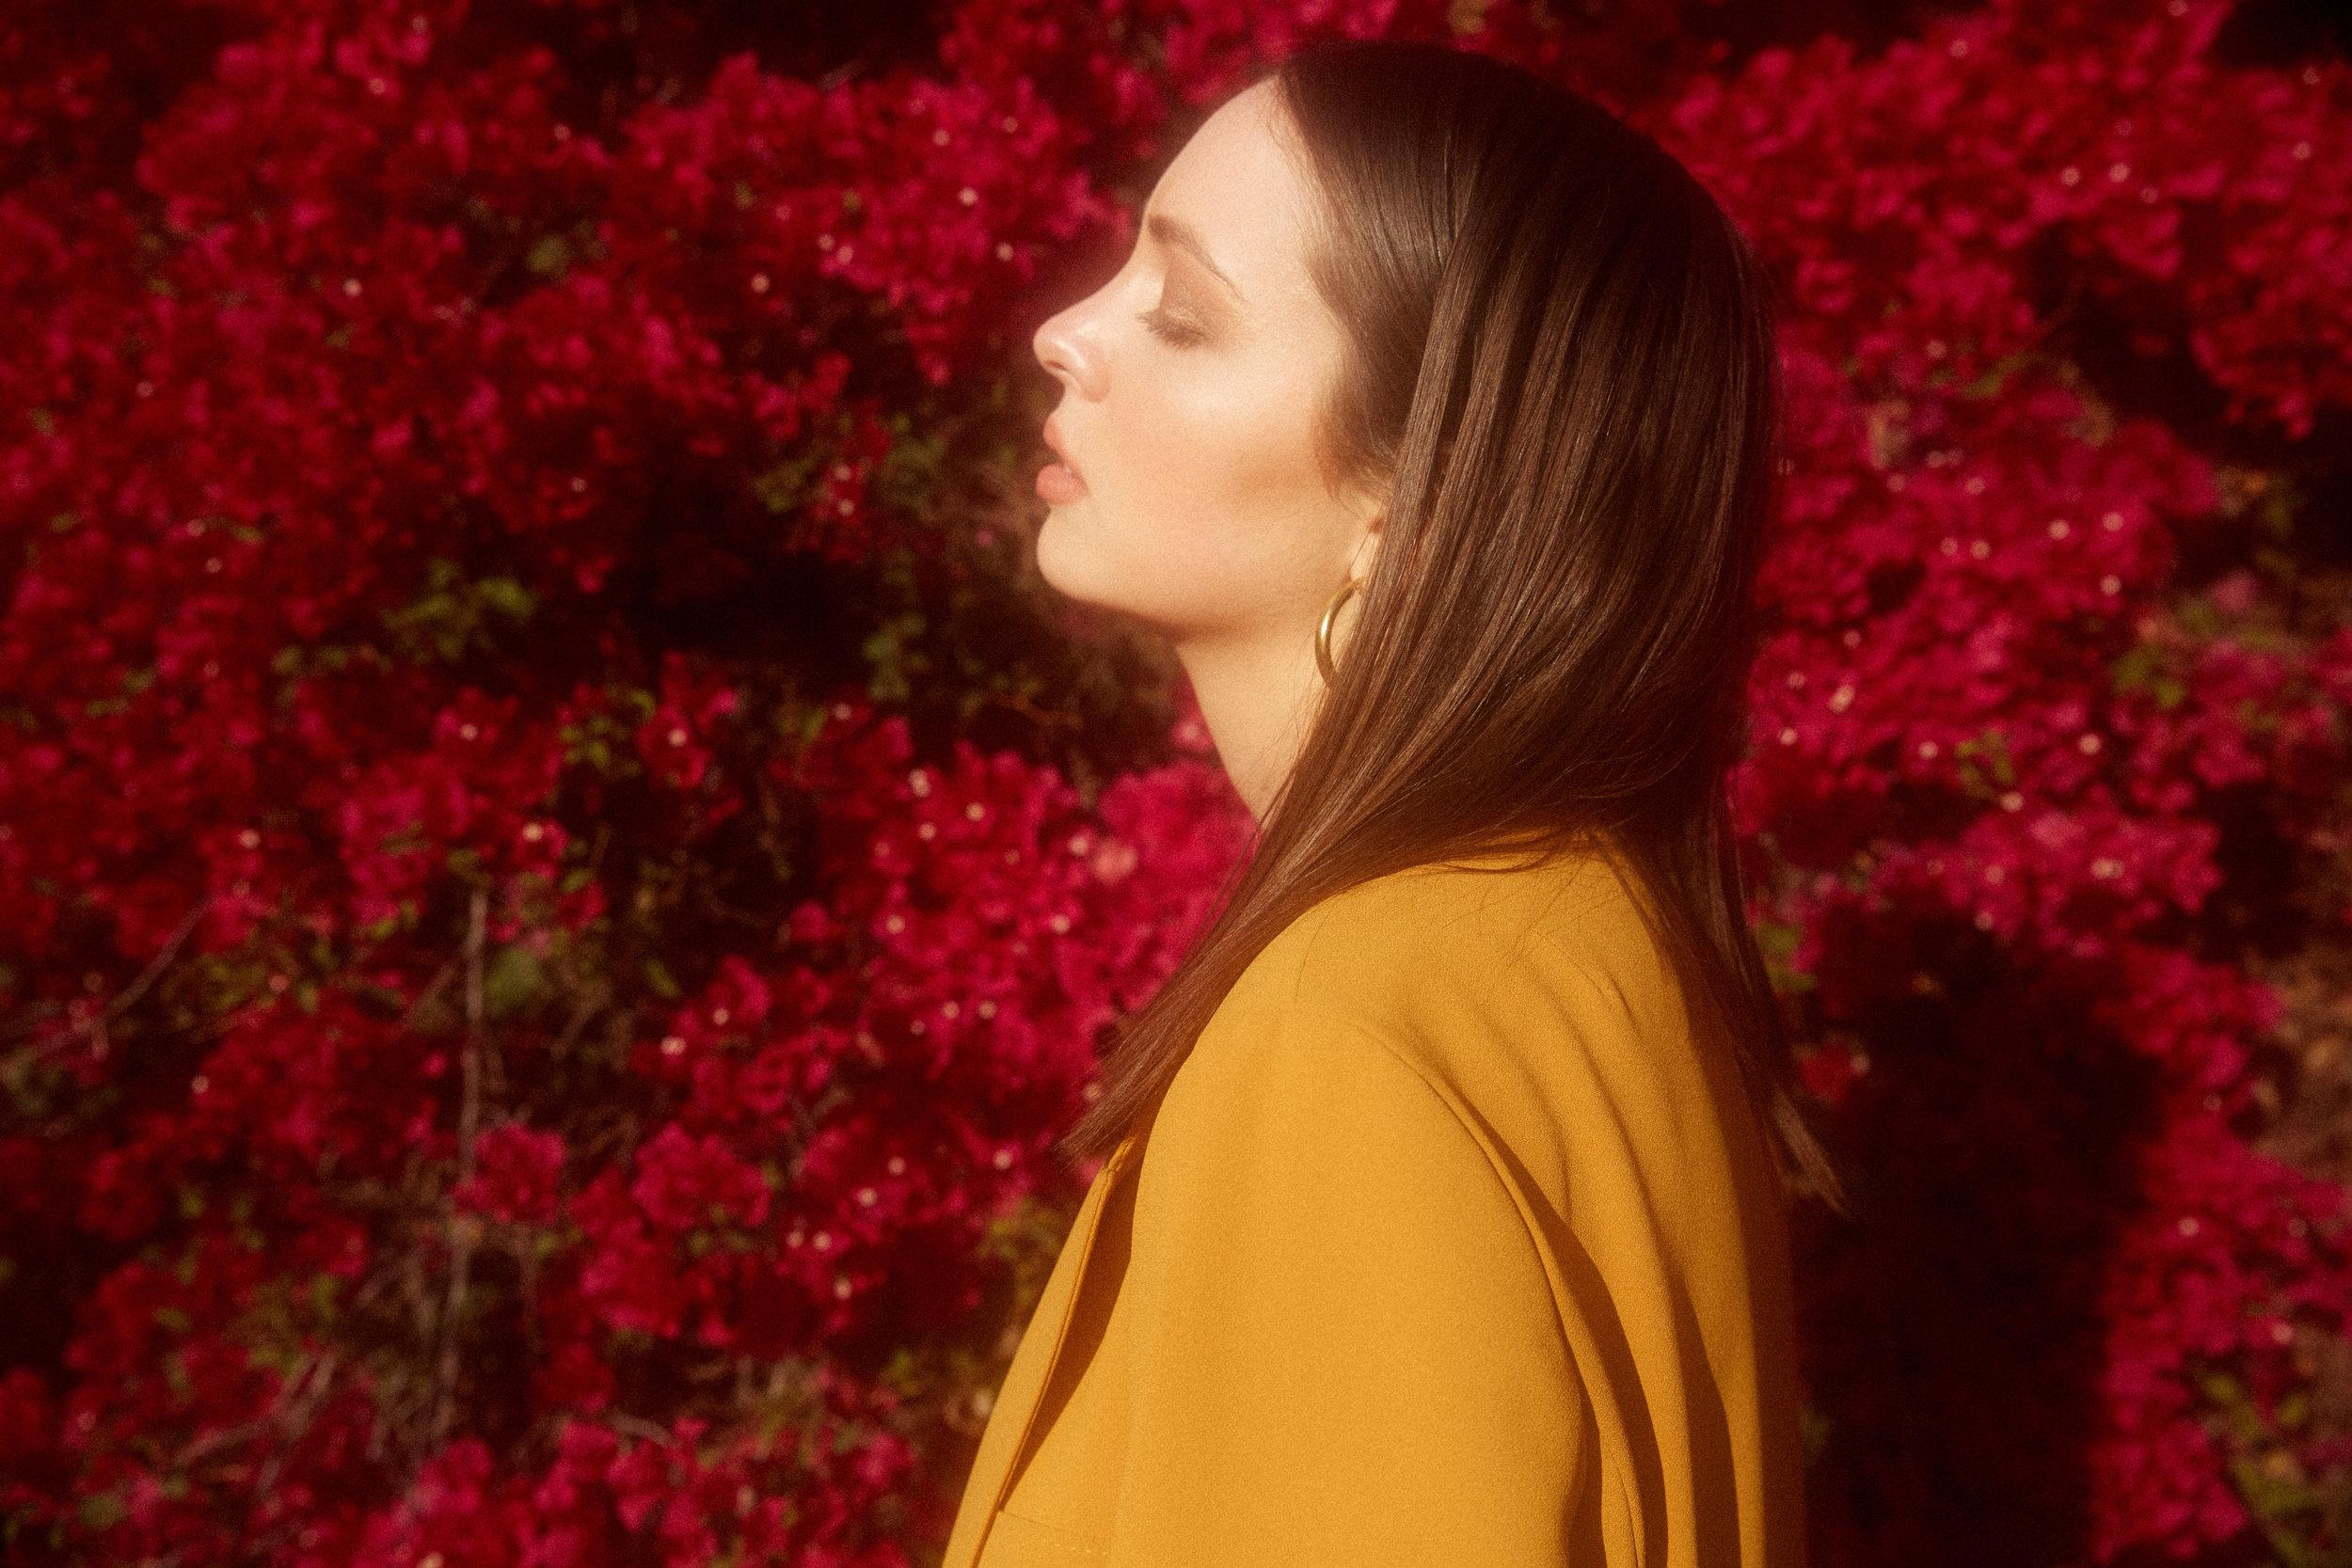 Zara orseund iris Yellow suit emily ratajowski mustard yellow Madison Chertow